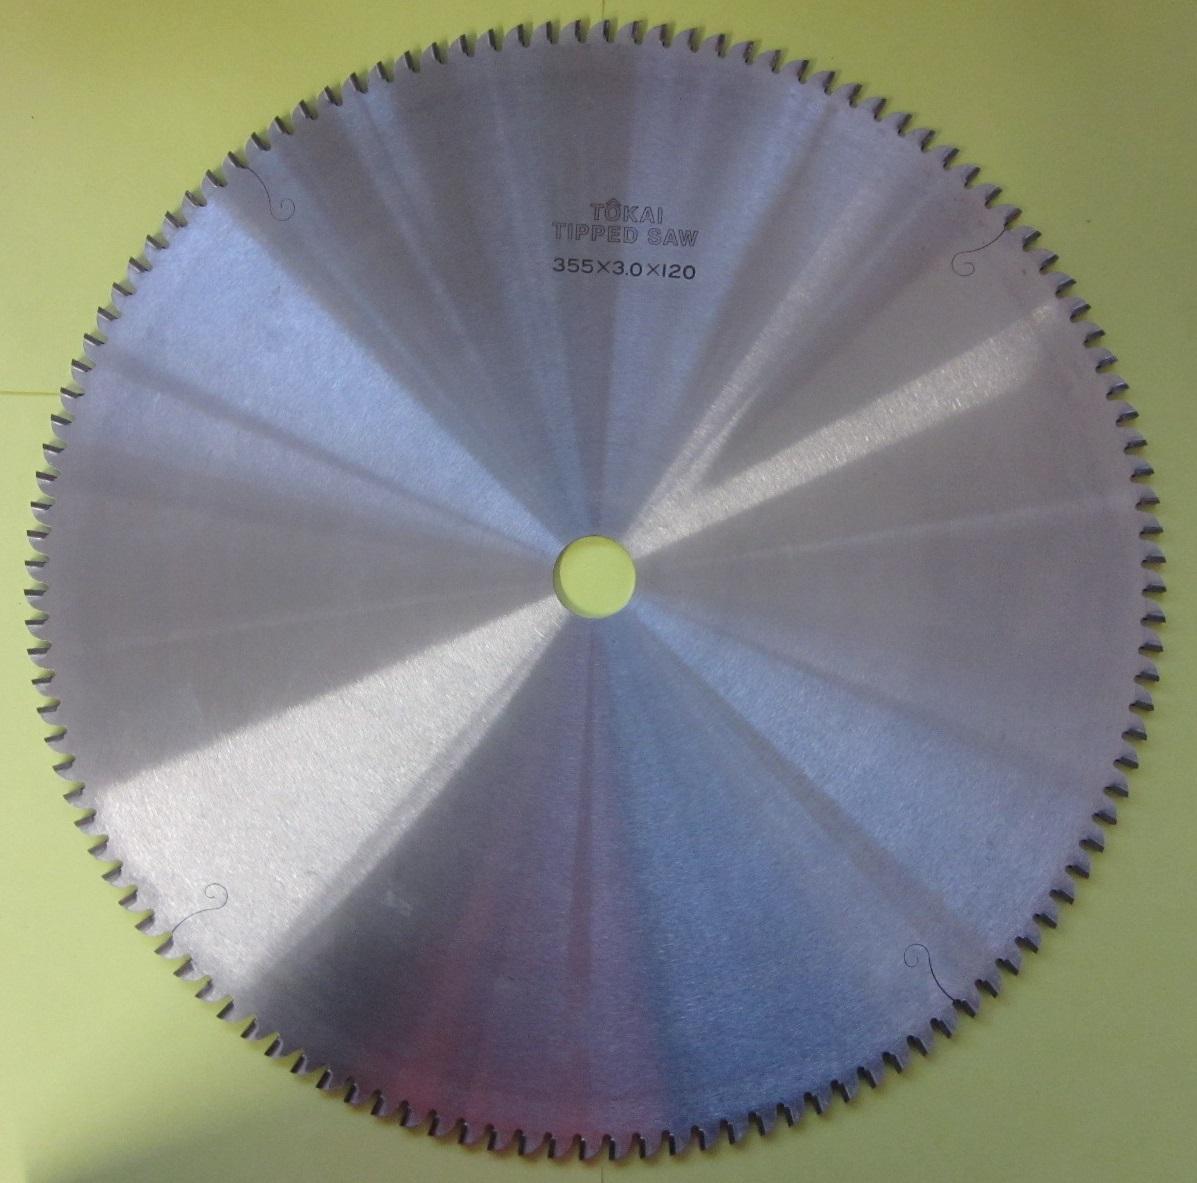 遠州丸鋸 アルミ用355x120Px3.0mmx25.4mm